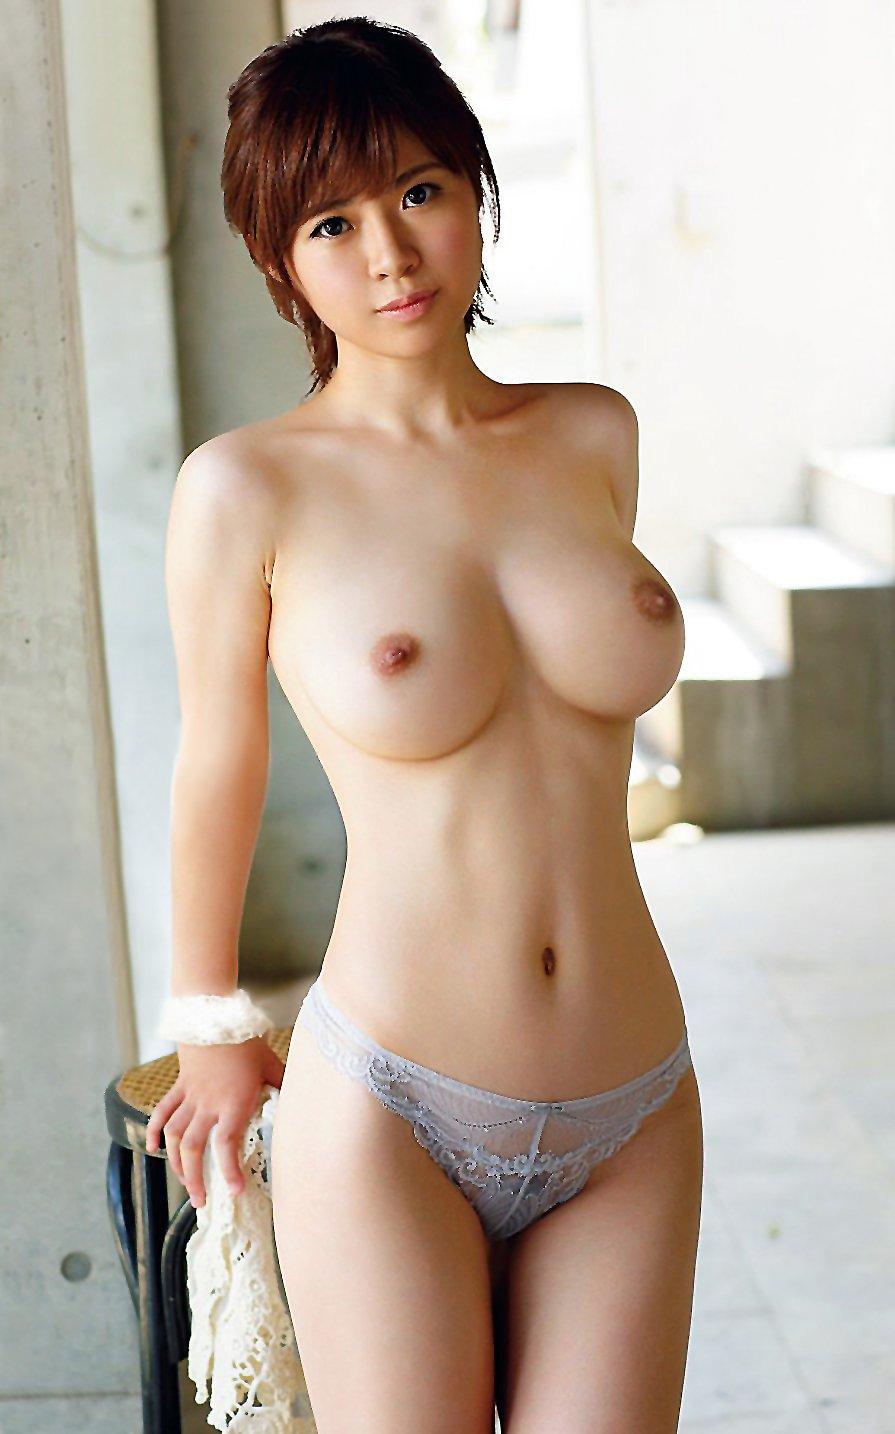 大きくてハリのある乳房が魅力的な美女たち (2)